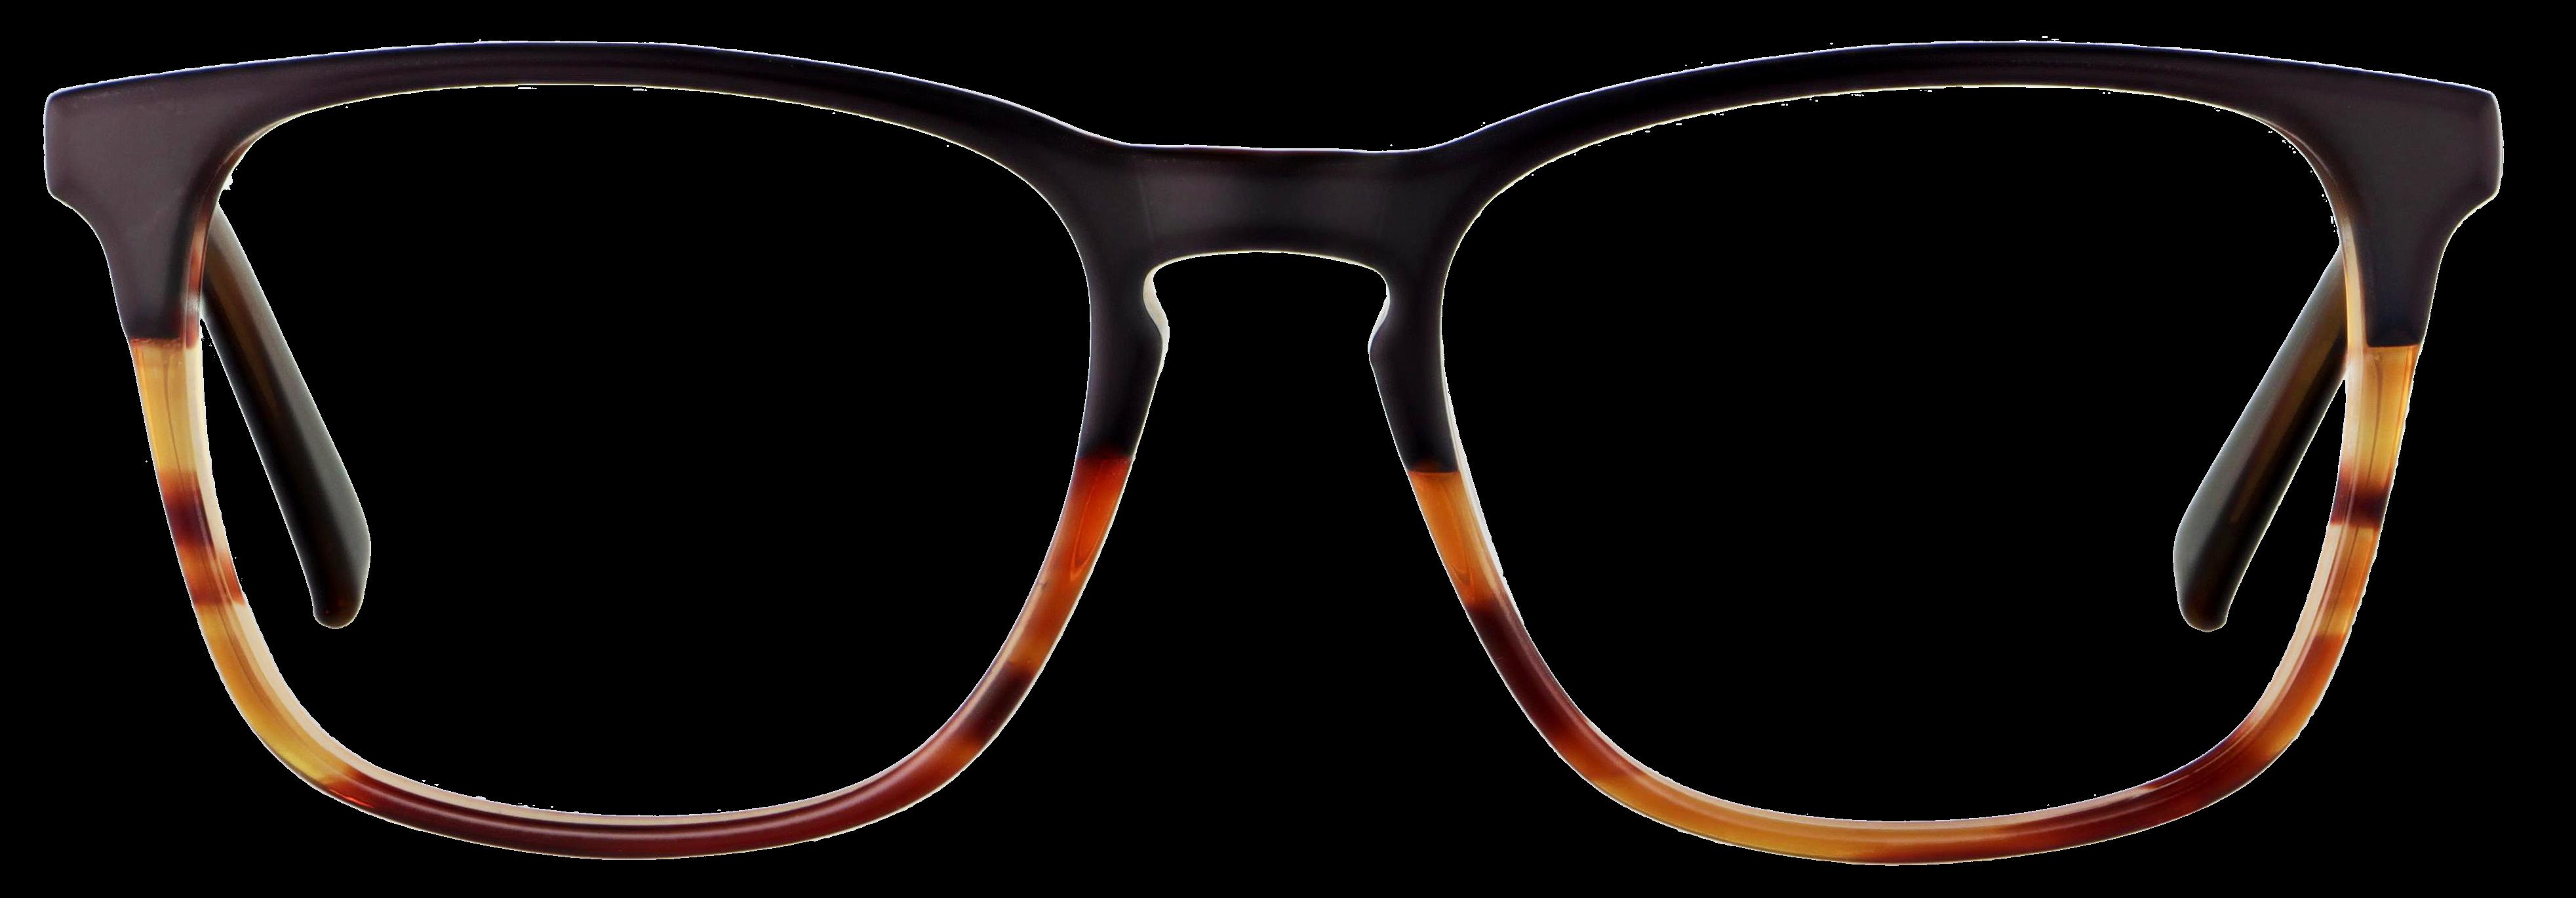 abele optik Brille 140631